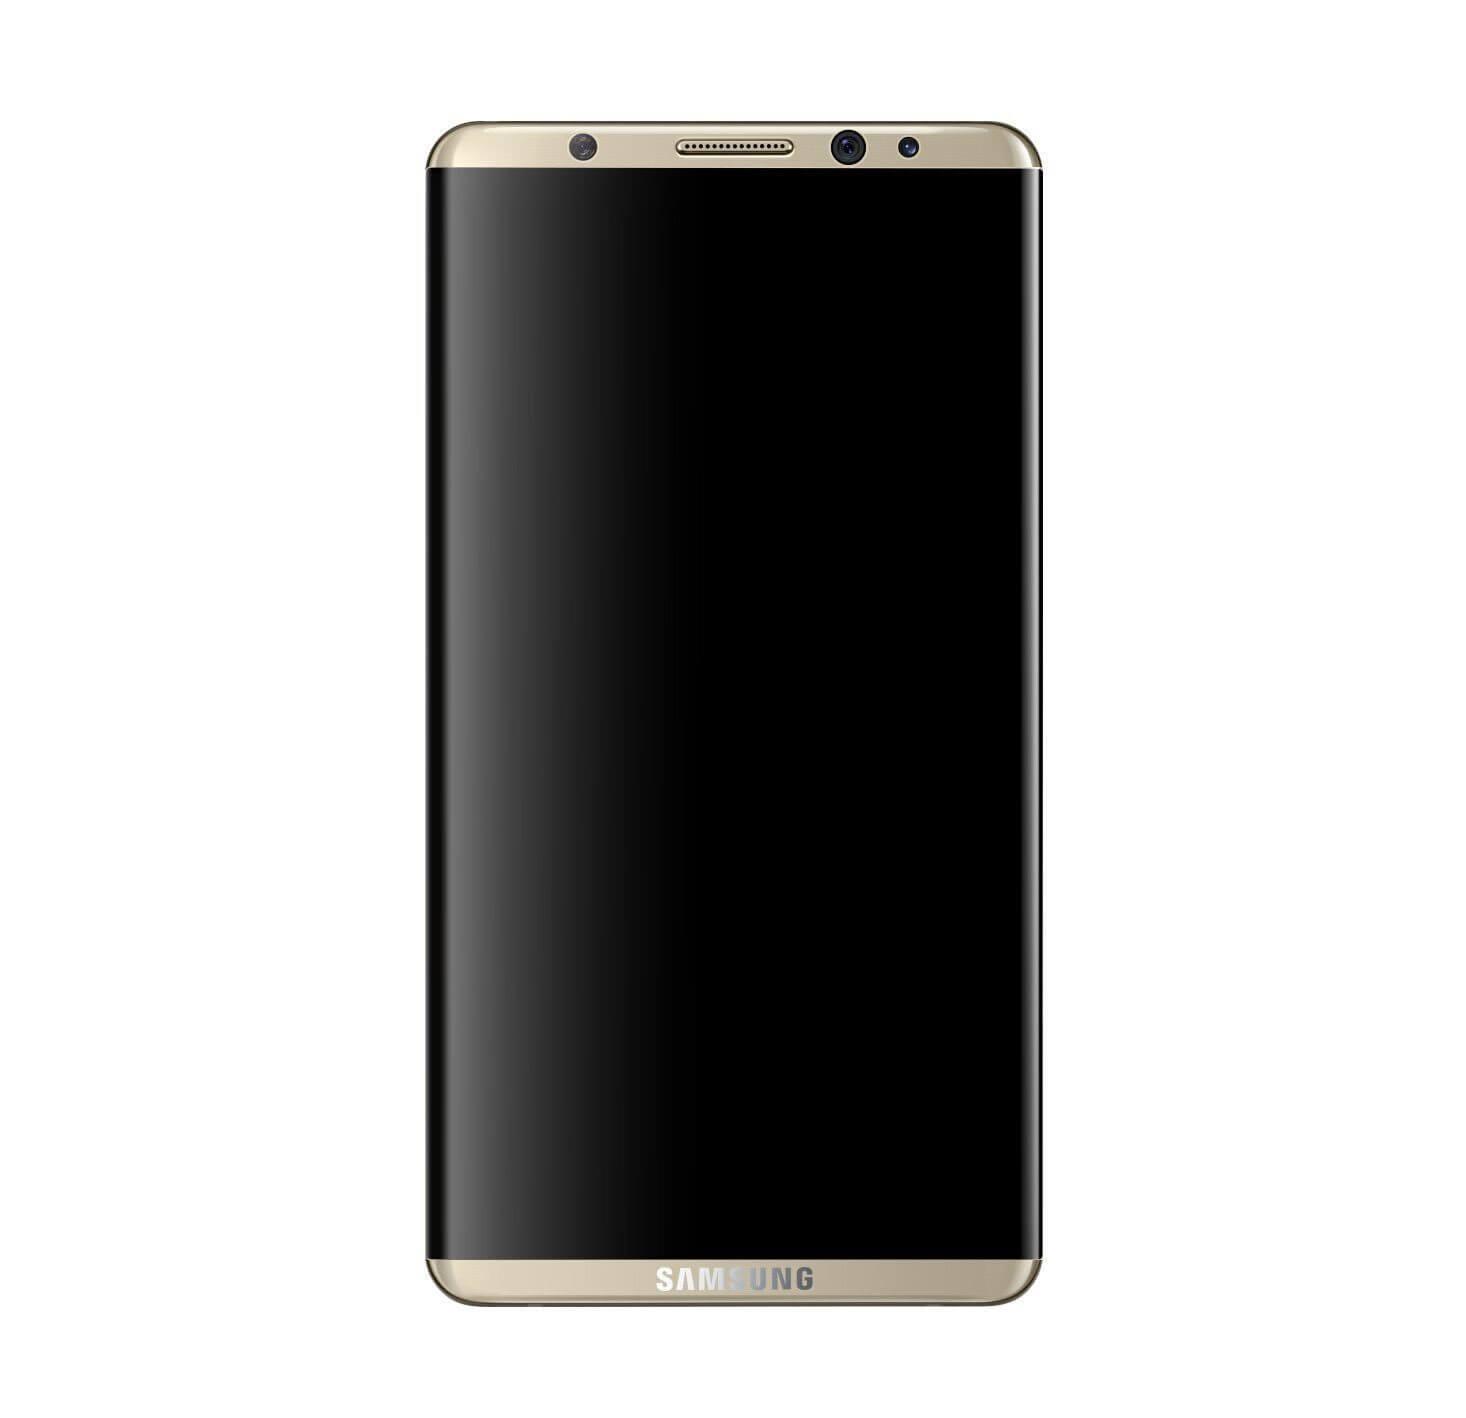 """[rumor] samsung galaxy s8 terá mais memória ram que um notebook básico e armazenamento ultrarrápido. Aparentemente, smartphones com """"apenas 6 gb"""" de memória ram serão coisa do passado em 2017, com o galaxy s8 trazendo até 8 gb."""